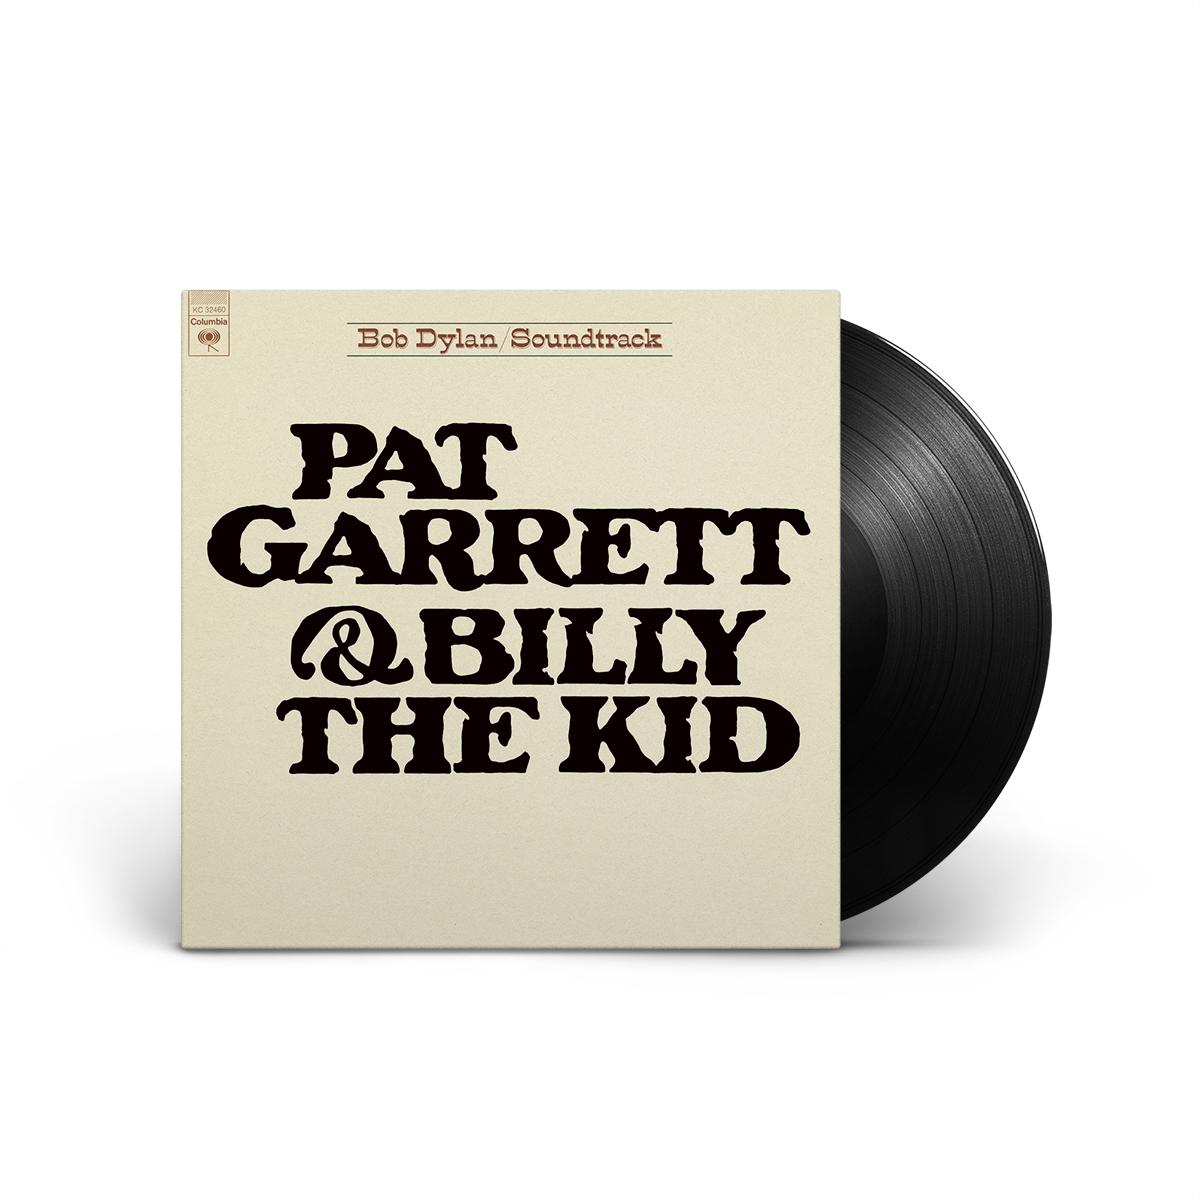 PAT GARRETT & BILLY THE KID LP